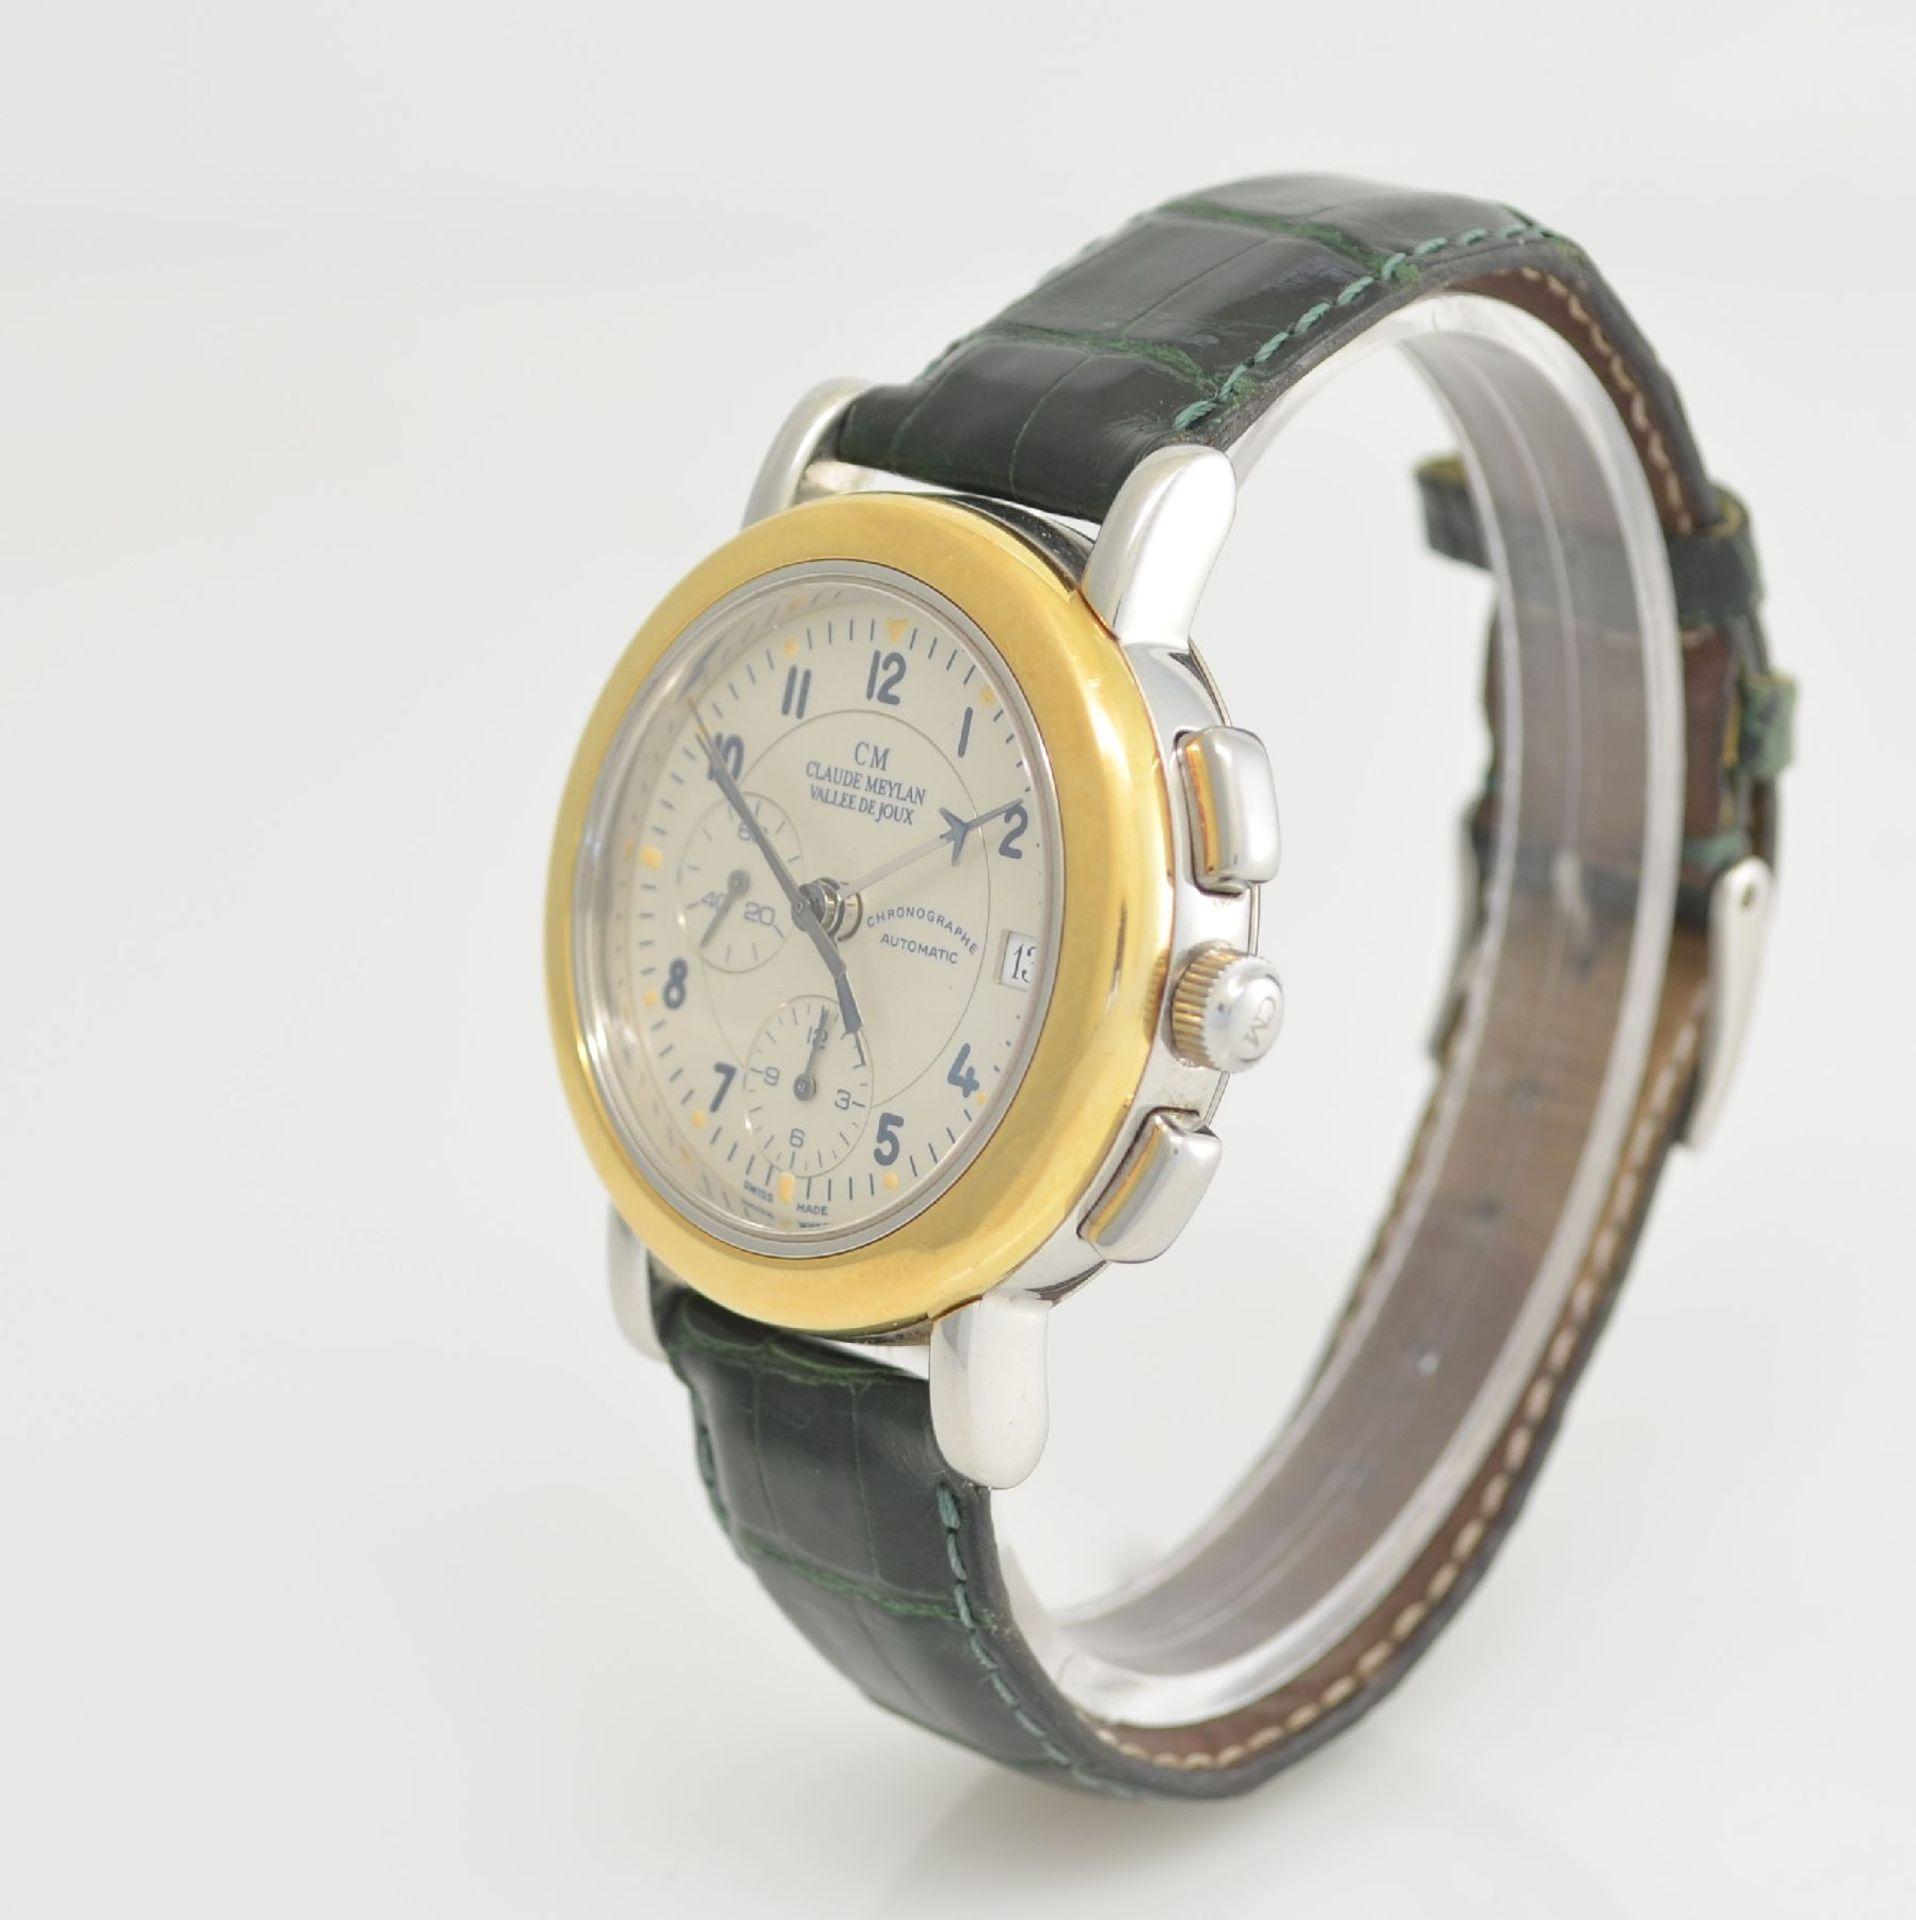 CLAUDE MEYLAN Herrenarmbanduhr mit Chronograph, Schweiz um 1995, Edelstahl/Gold kombiniert, beids. - Bild 3 aus 6